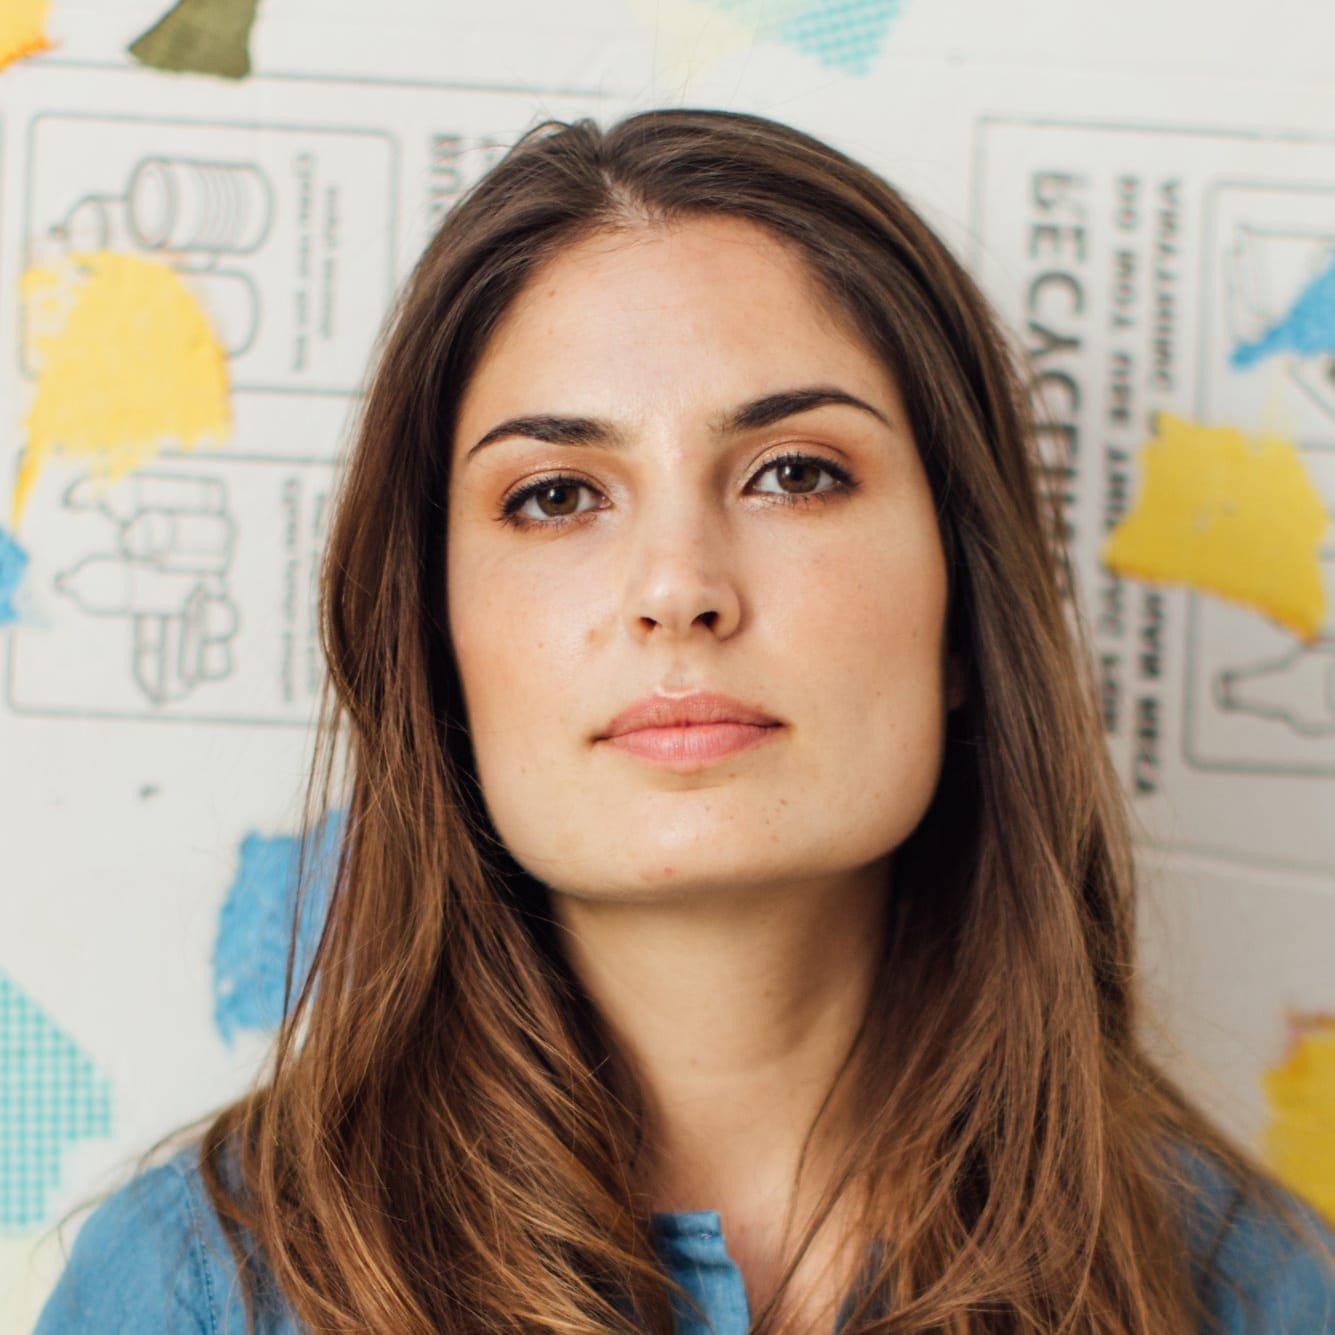 Marine-Tanguy-MTArt-modern-art-founder-female-entrepreneur-speaker-at-Great-British-Speakers